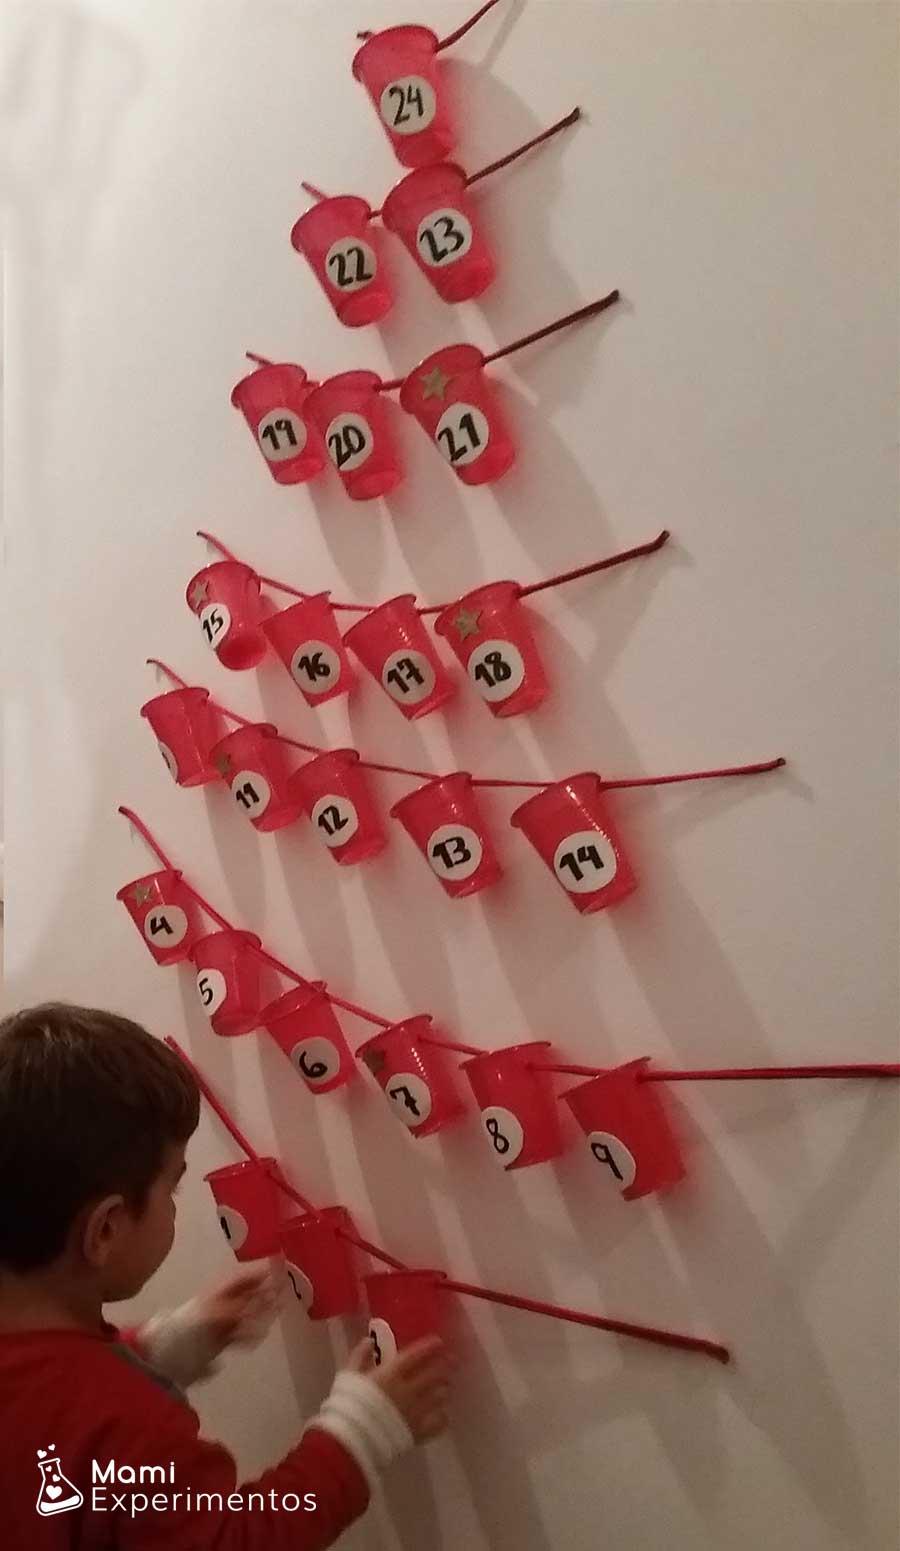 Montando calendario adviento casero forma árbol navidad